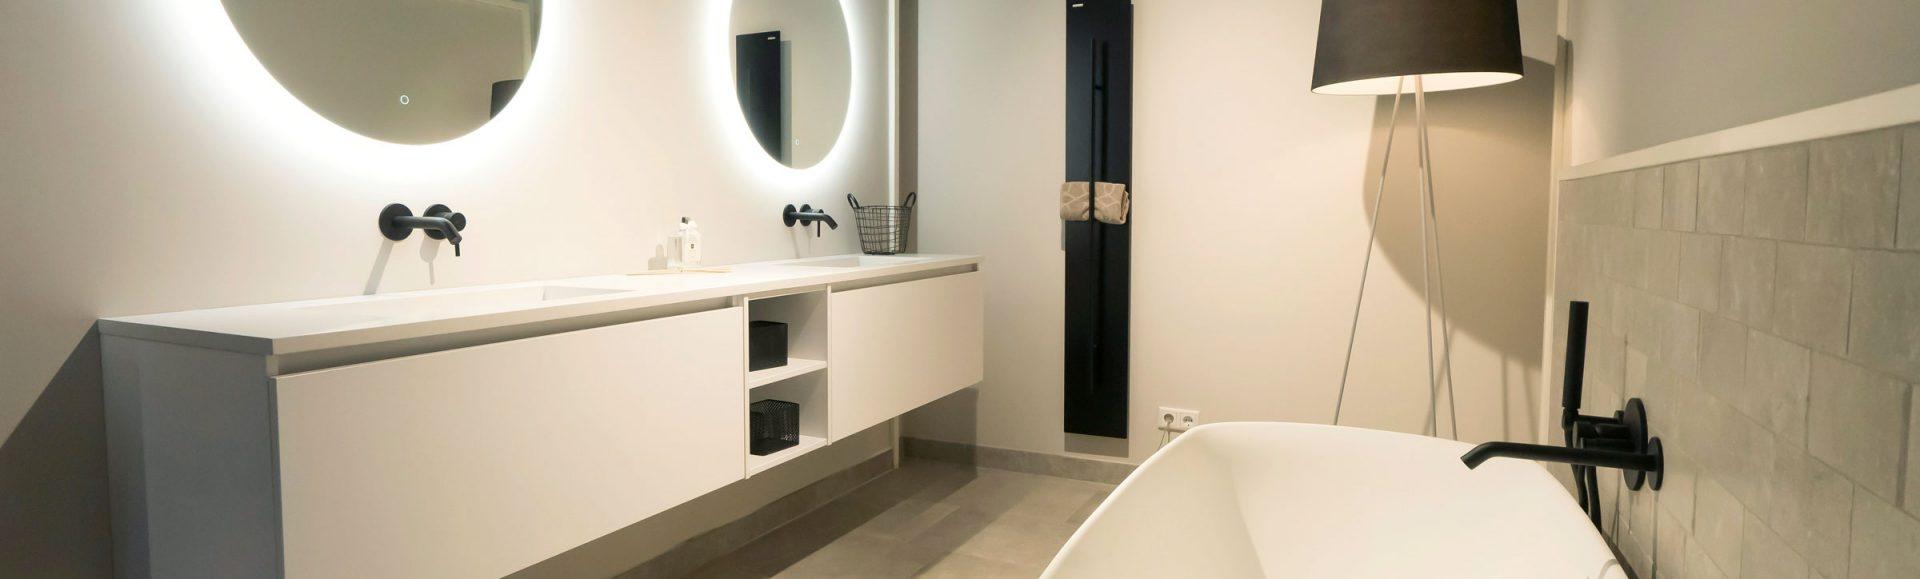 schuit-totaal-wonen-showroom-badkamers-12